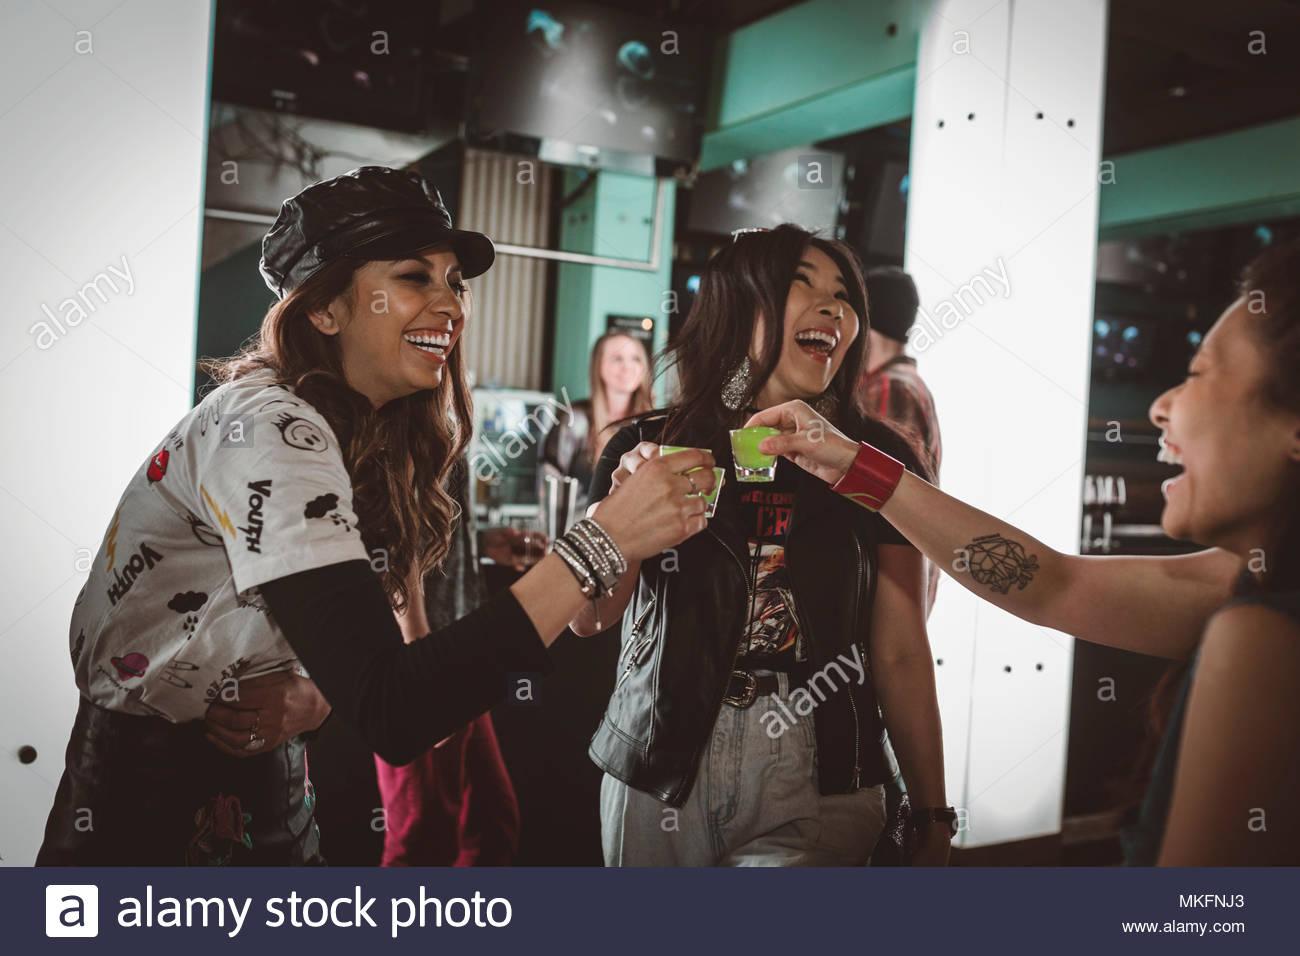 Weibliche tausendjährigen Freunde Aufnahmen, feiern in der Diskothek bar Stockbild